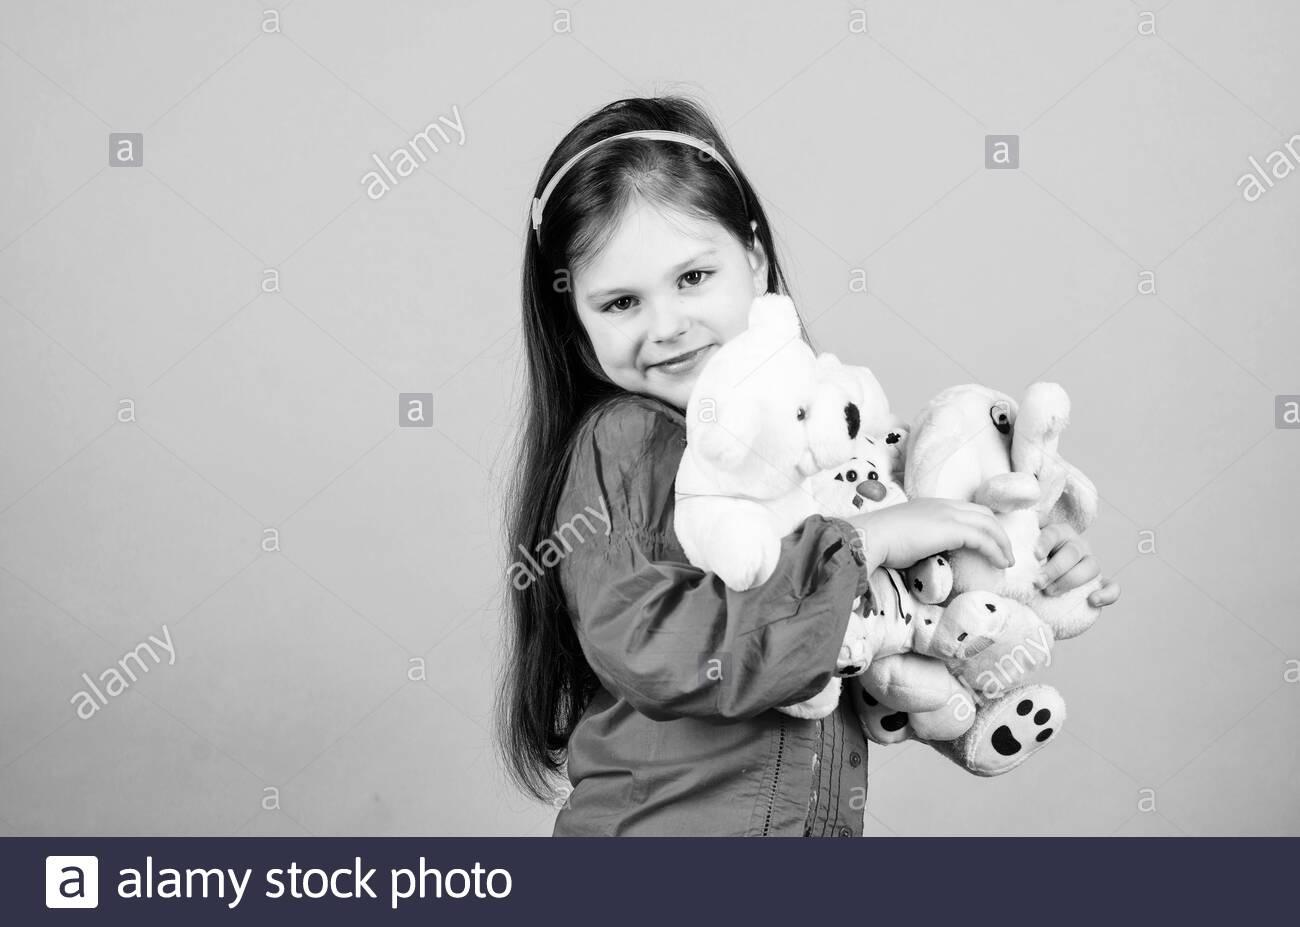 Petite Fille Avec Soft Toy Ours. Psychologie De L'enfant concernant Jeux Pour Petite Fille